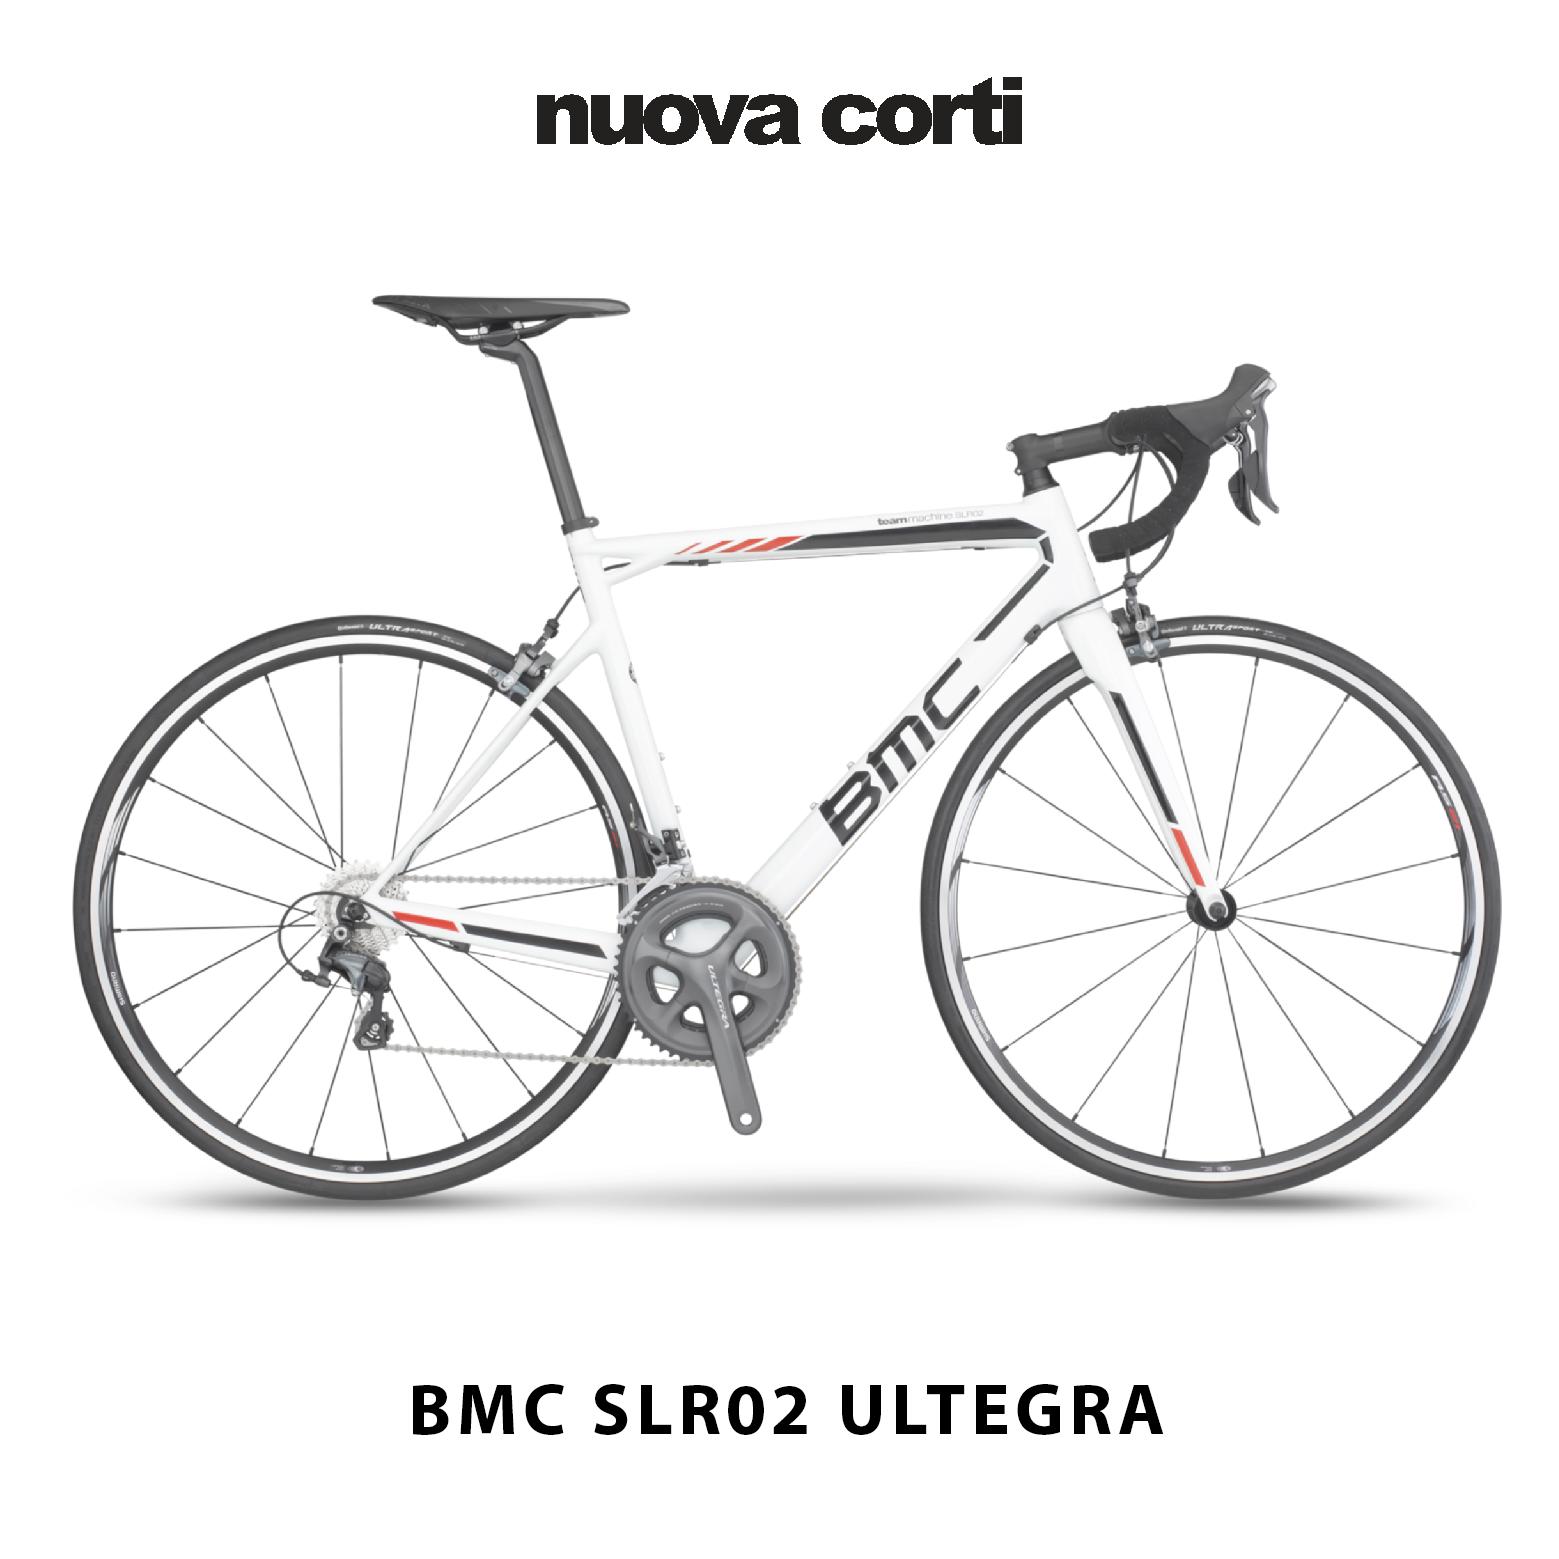 BMC SLR02 Ultegra, Nuova Corti, Sconti, Sassuolo, Reggio Emilia, Modena